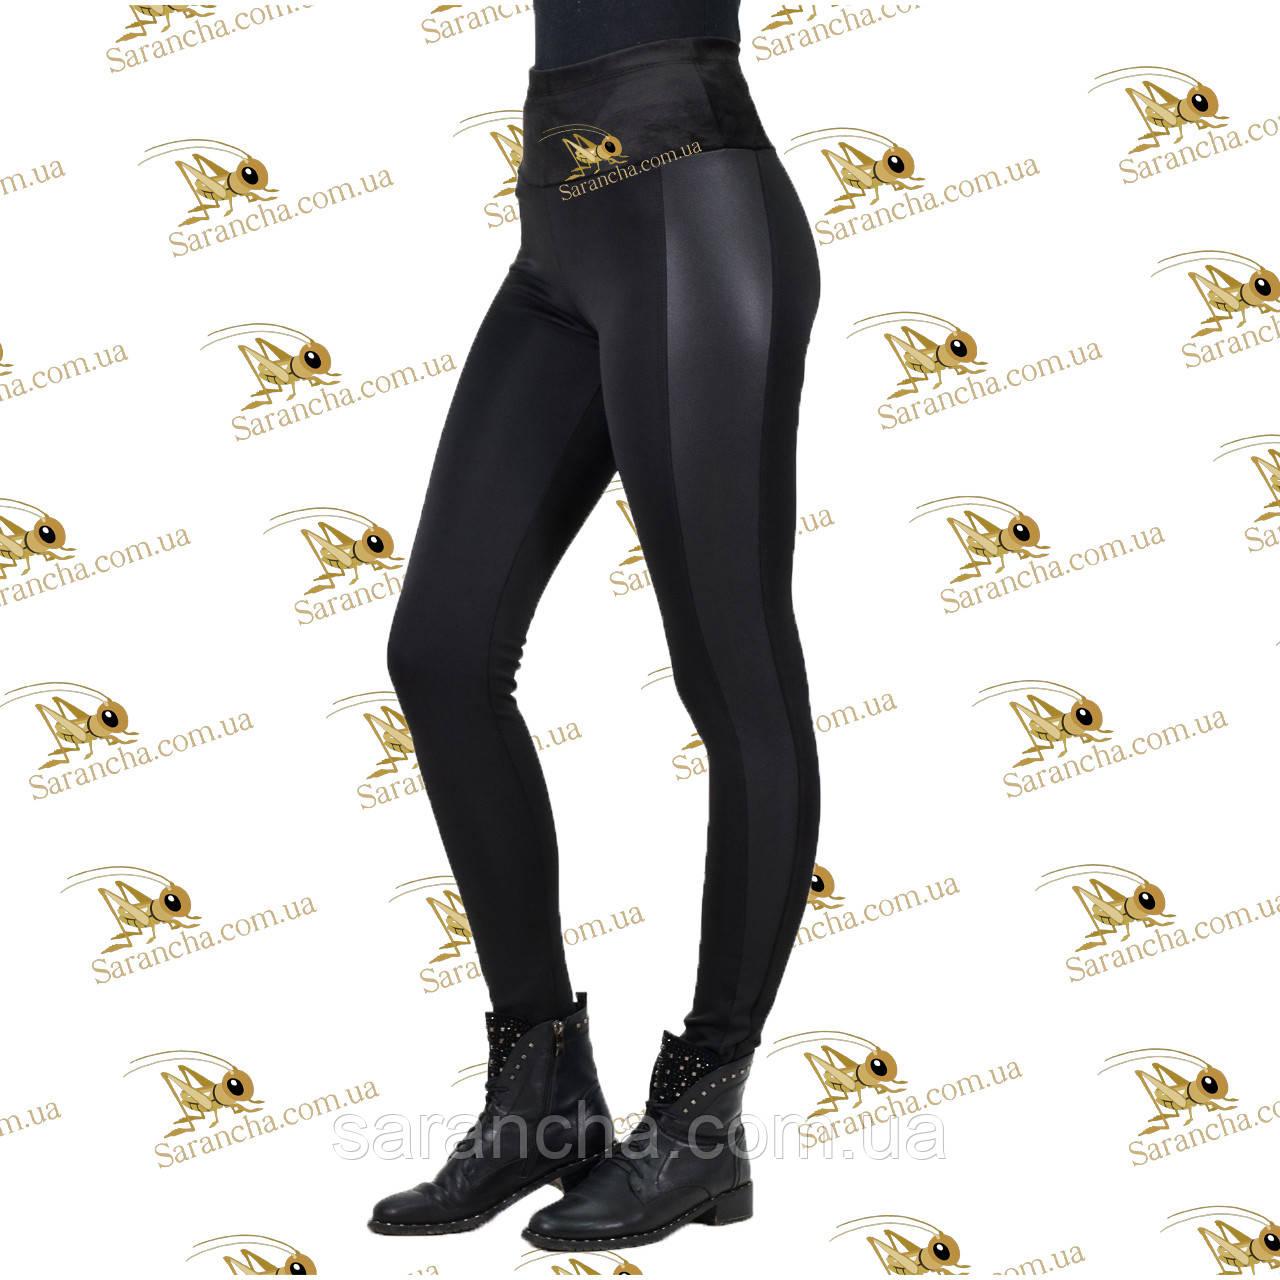 Лосины женские черный дайвинг на меху/ПЛЮШЕ широкий пояс лампас из отделочной ткани р.42-50